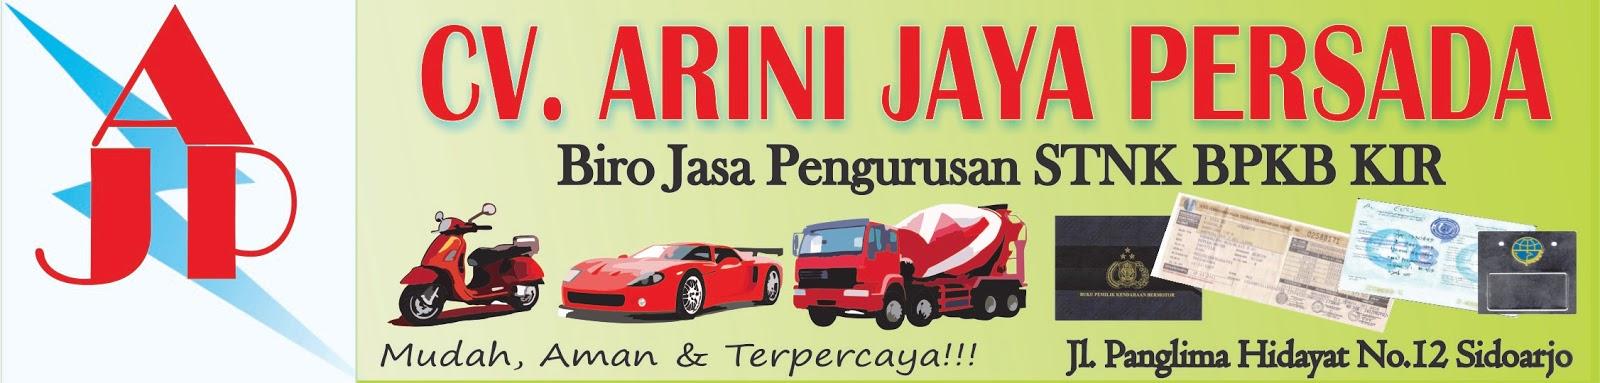 Biro Jasa STNK Arini Jaya Persada, AJP, Niro Jasa STNK Surabaya, Biro Jasa STNK Sidoarjo, Biro Jasa STNK Gresik, Biro Jasa STNK Jakarta, Kendaraan.Mobil.Truk.Ex/Bekas Taxi.Balik Nama BPKB.Uji KIR biro jasa stnk, jasa stnk, biro, jasa stnk surabaya, biro jasa pengurusan, perpanjangan, pajak, kir, bpkb, kendaraan bermotor, mobil, truk, ex/bekas taxi, taksi, dki jakarta, surabaya, sidoarjo, gresik, cabut berkas, mutasi, biaya balik nama